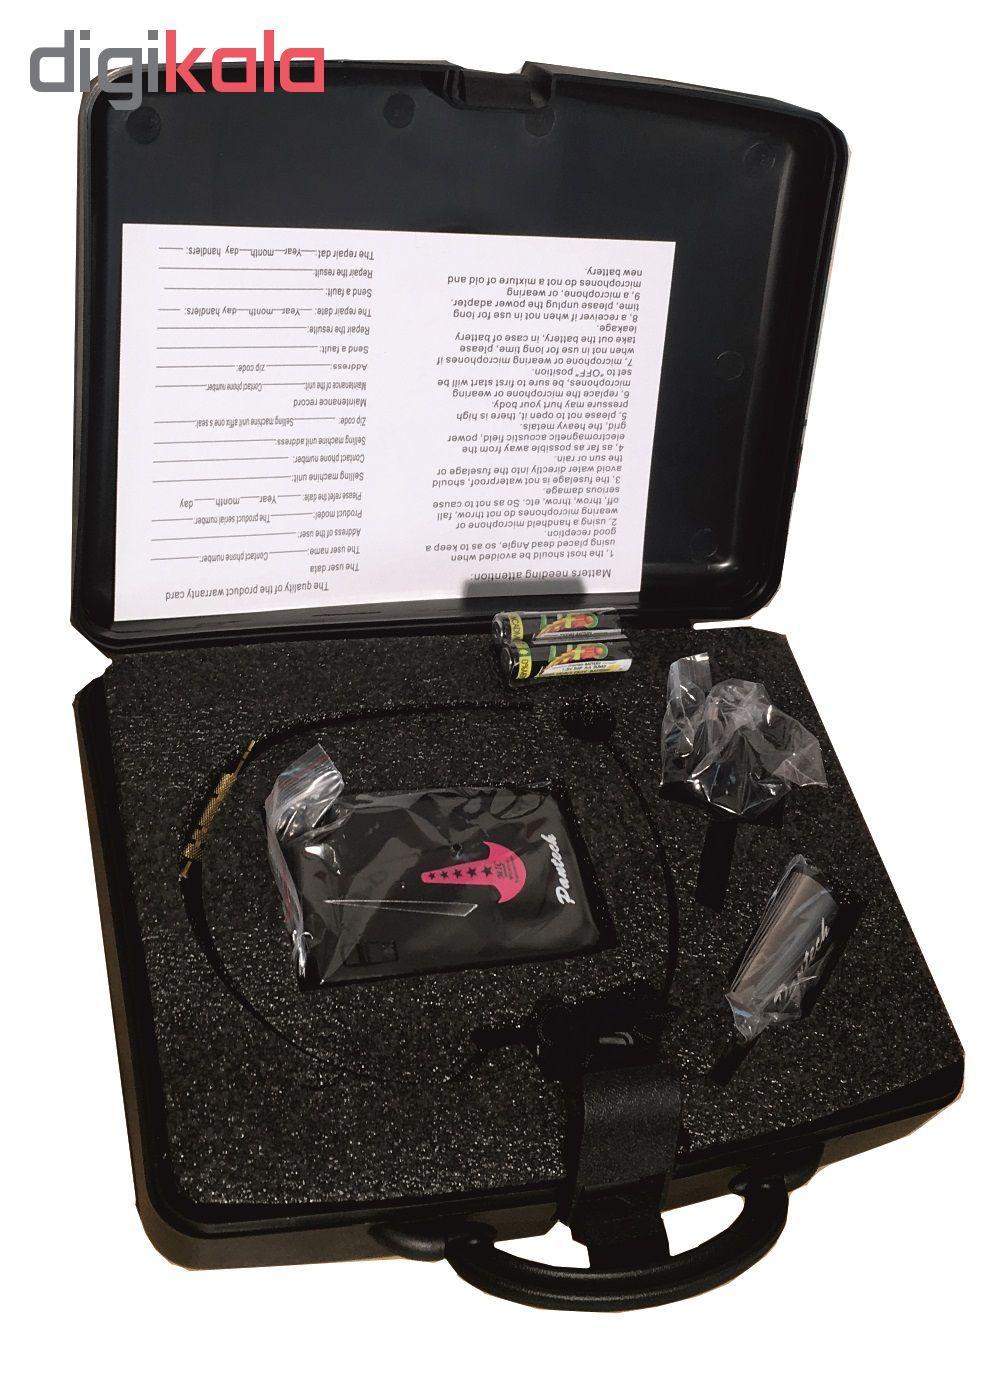 میکروفن بی سیم یقه ای هدستی پنتک مدل W8 main 1 2